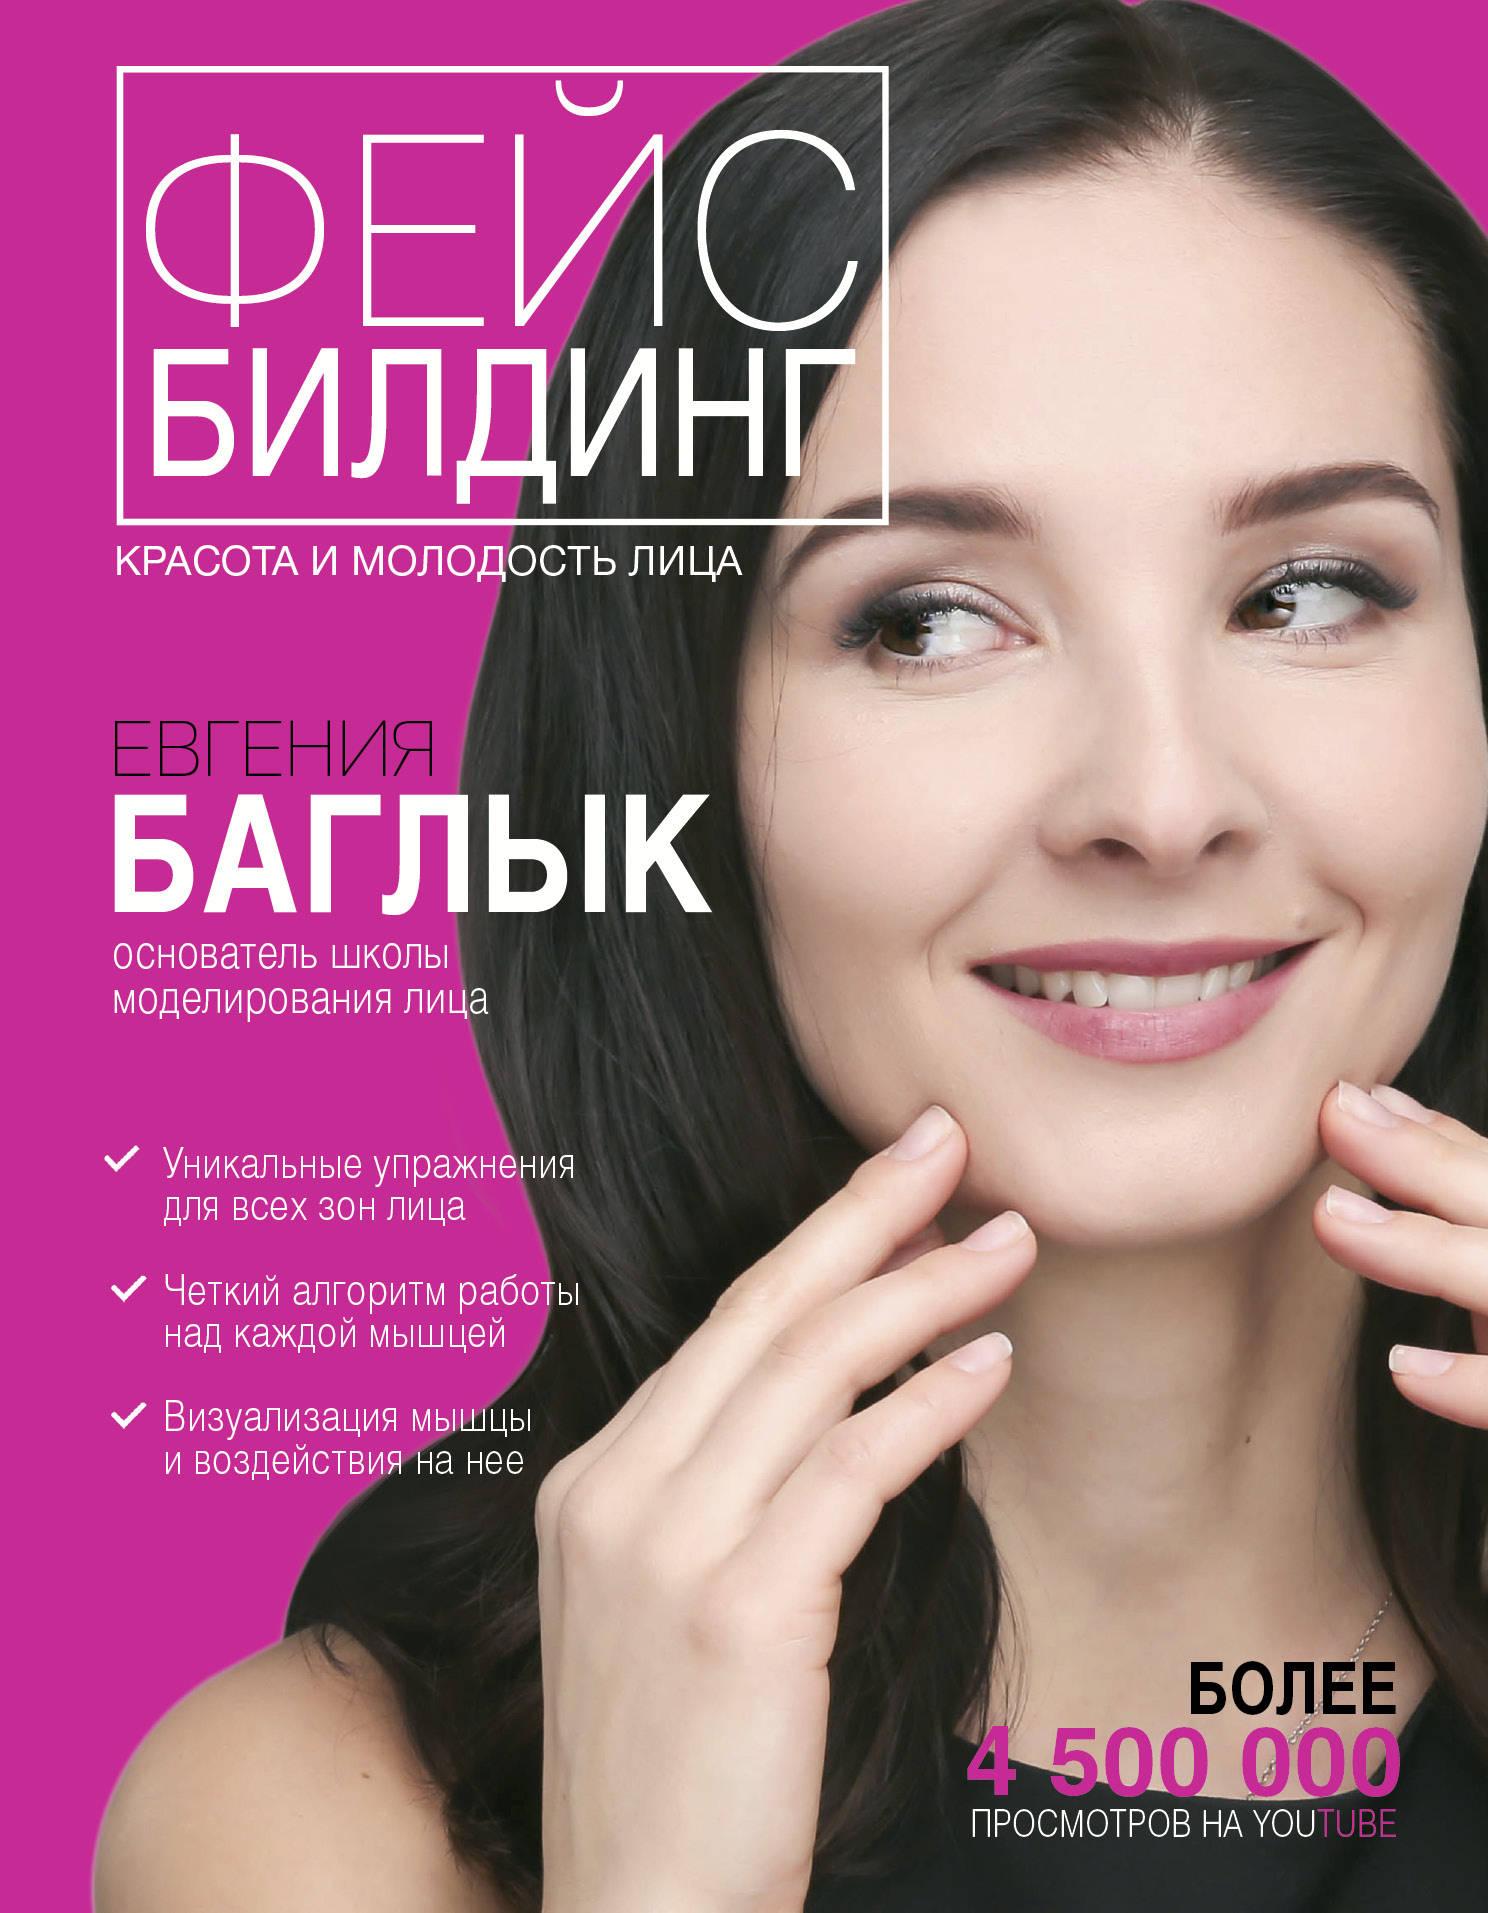 Евгения Баглык Фейсбилдинг. Красота и молодость лица